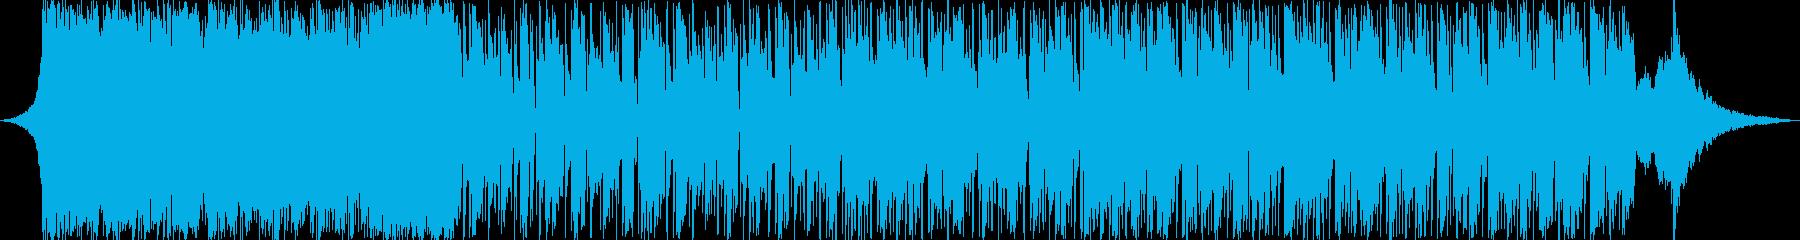 法人 技術的な ハイテク シンセサ...の再生済みの波形